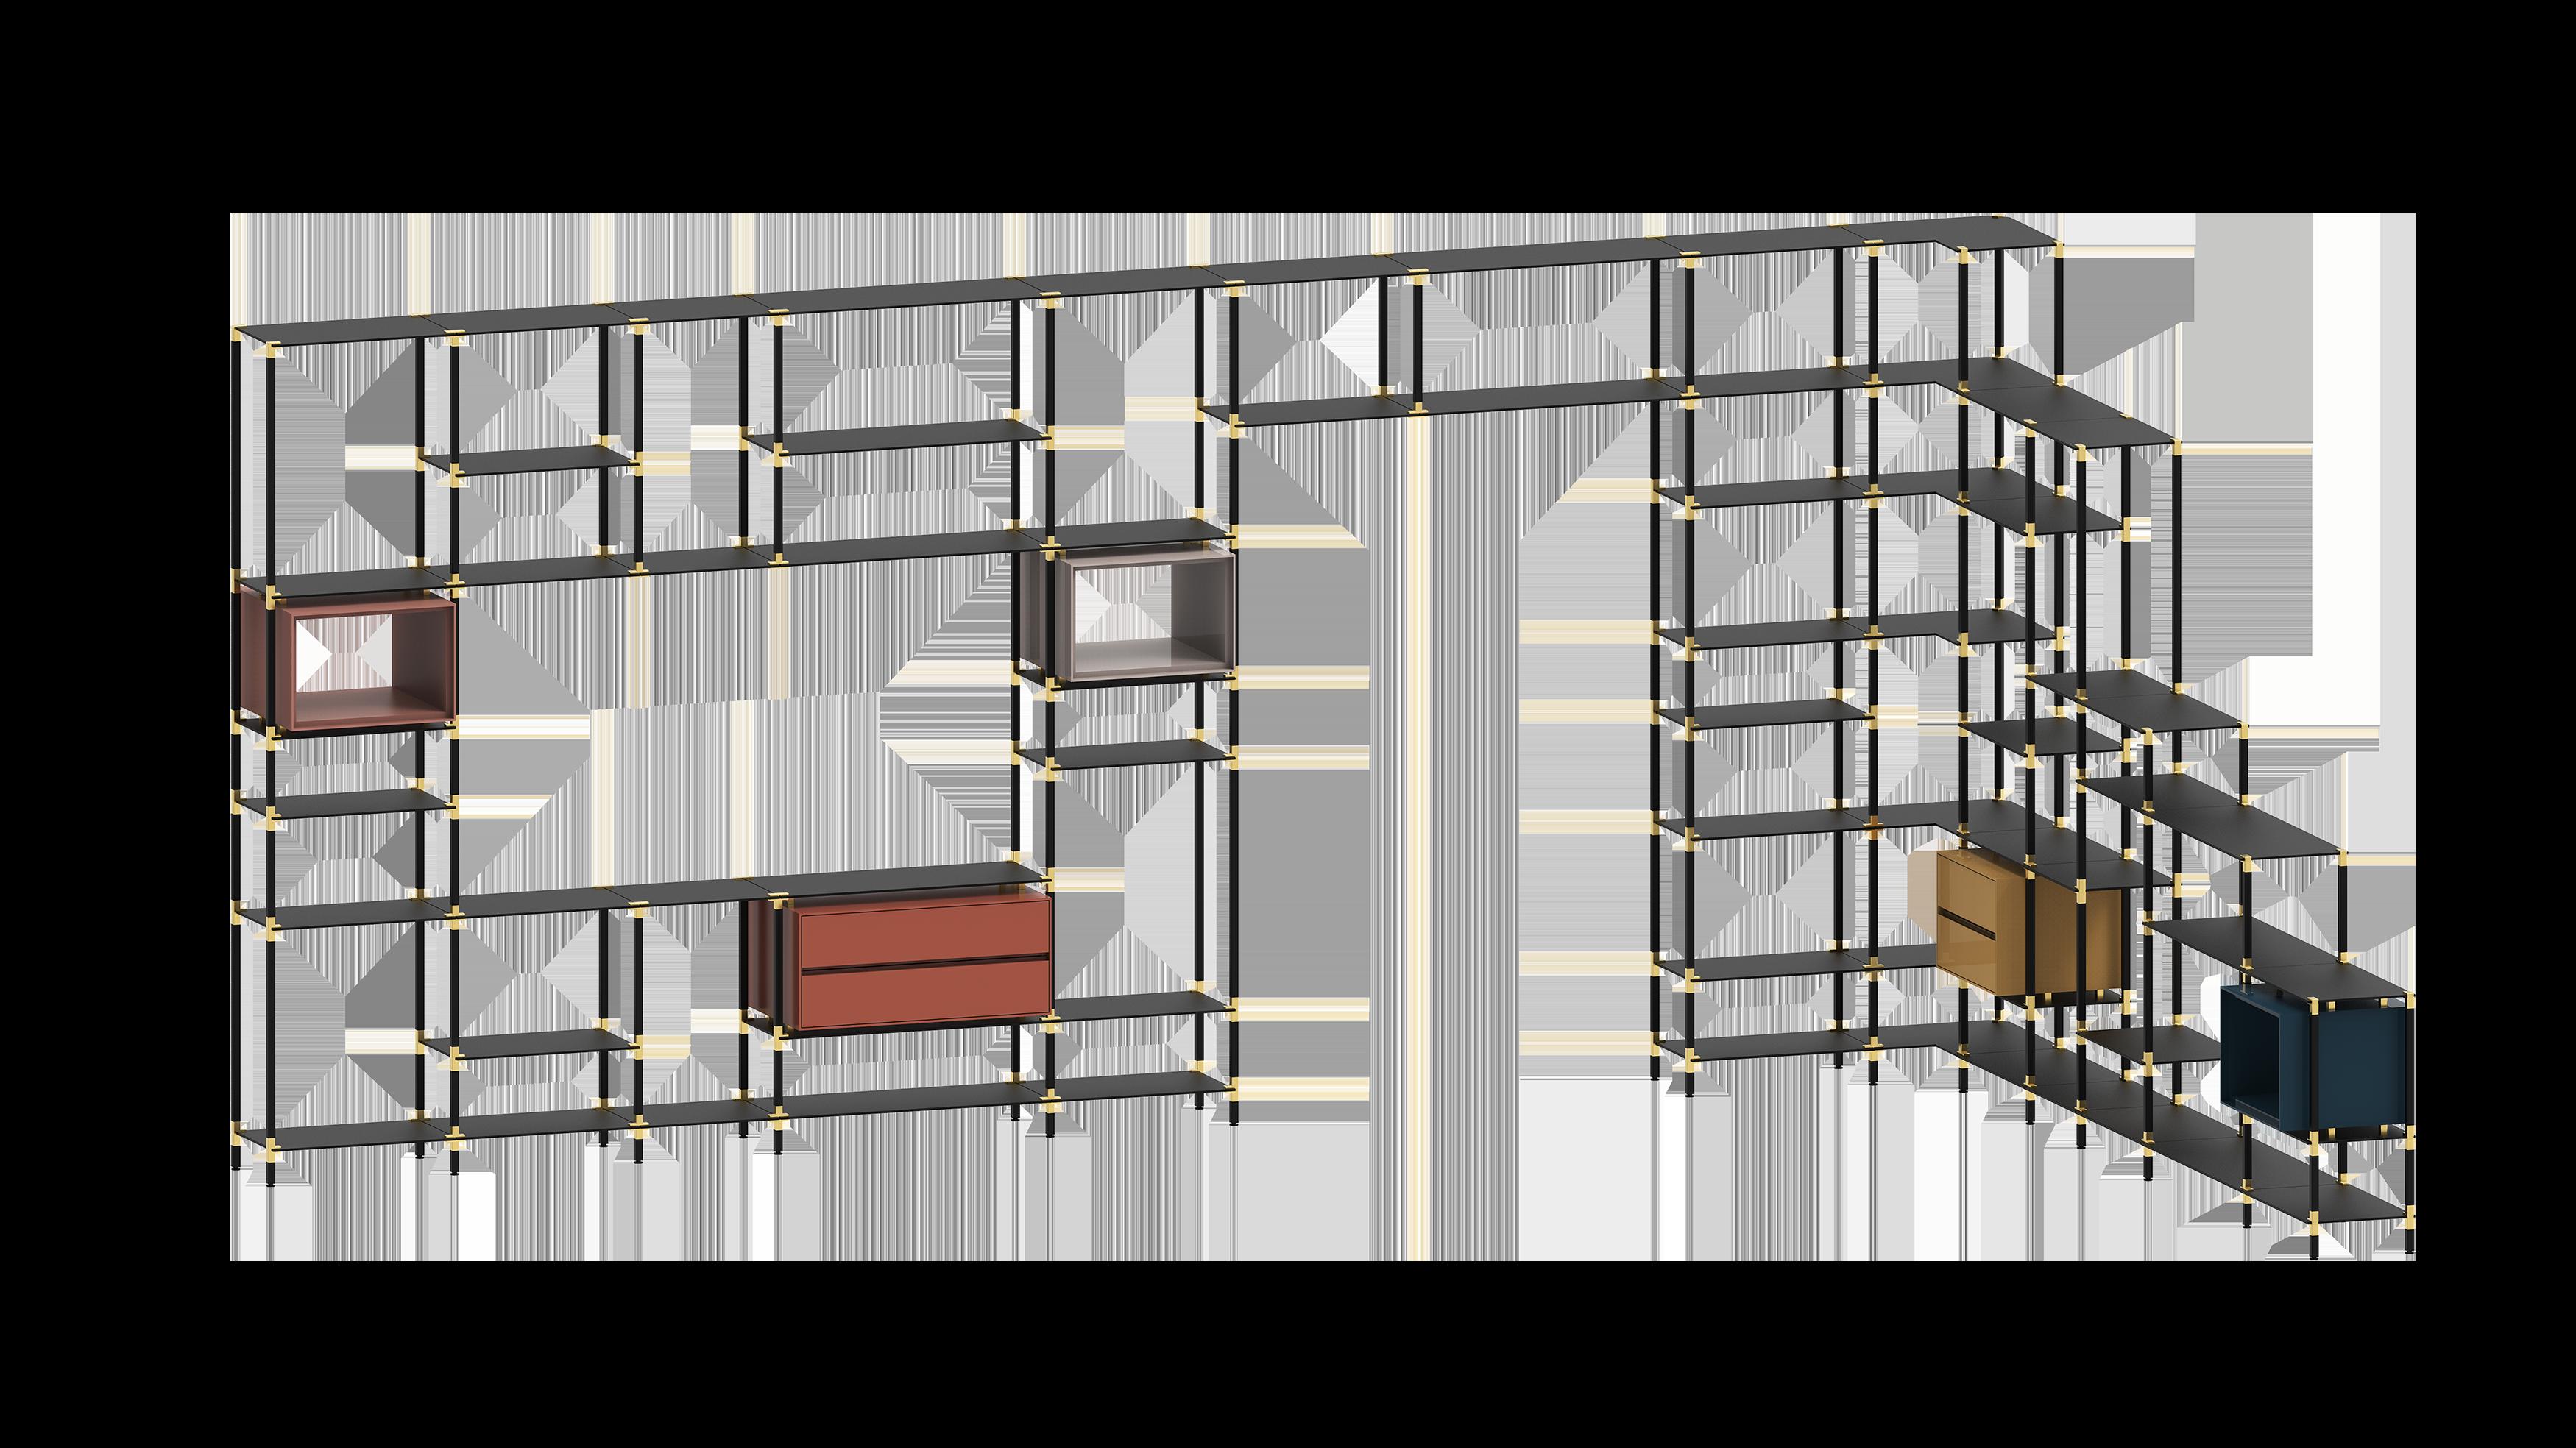 Raumgestaltendes tRACK Regalsystem mit zahlreichen multifunktionalen Erweiterungen.